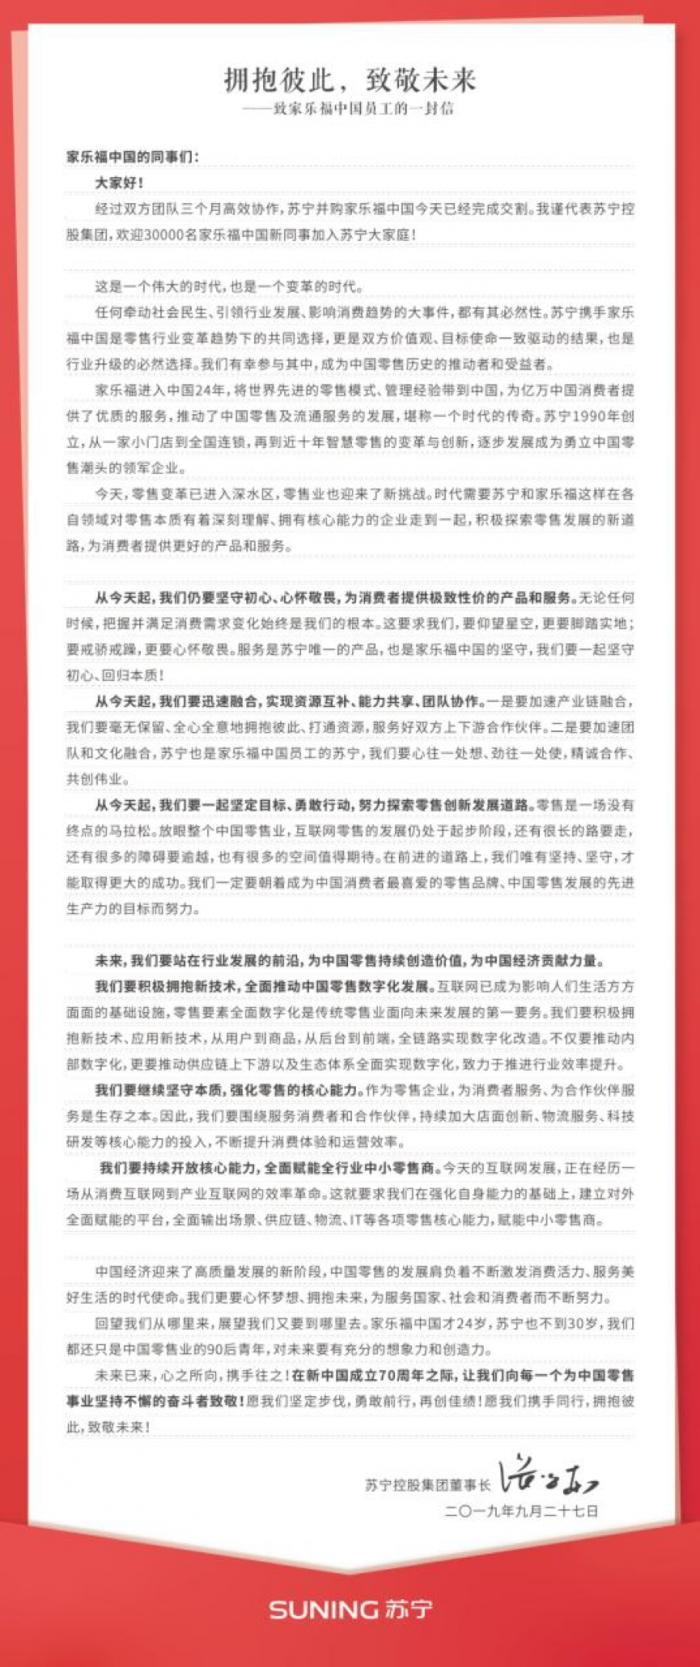 宁吉喆:破除汽车消费的限制 具备条件地区陆续跟进